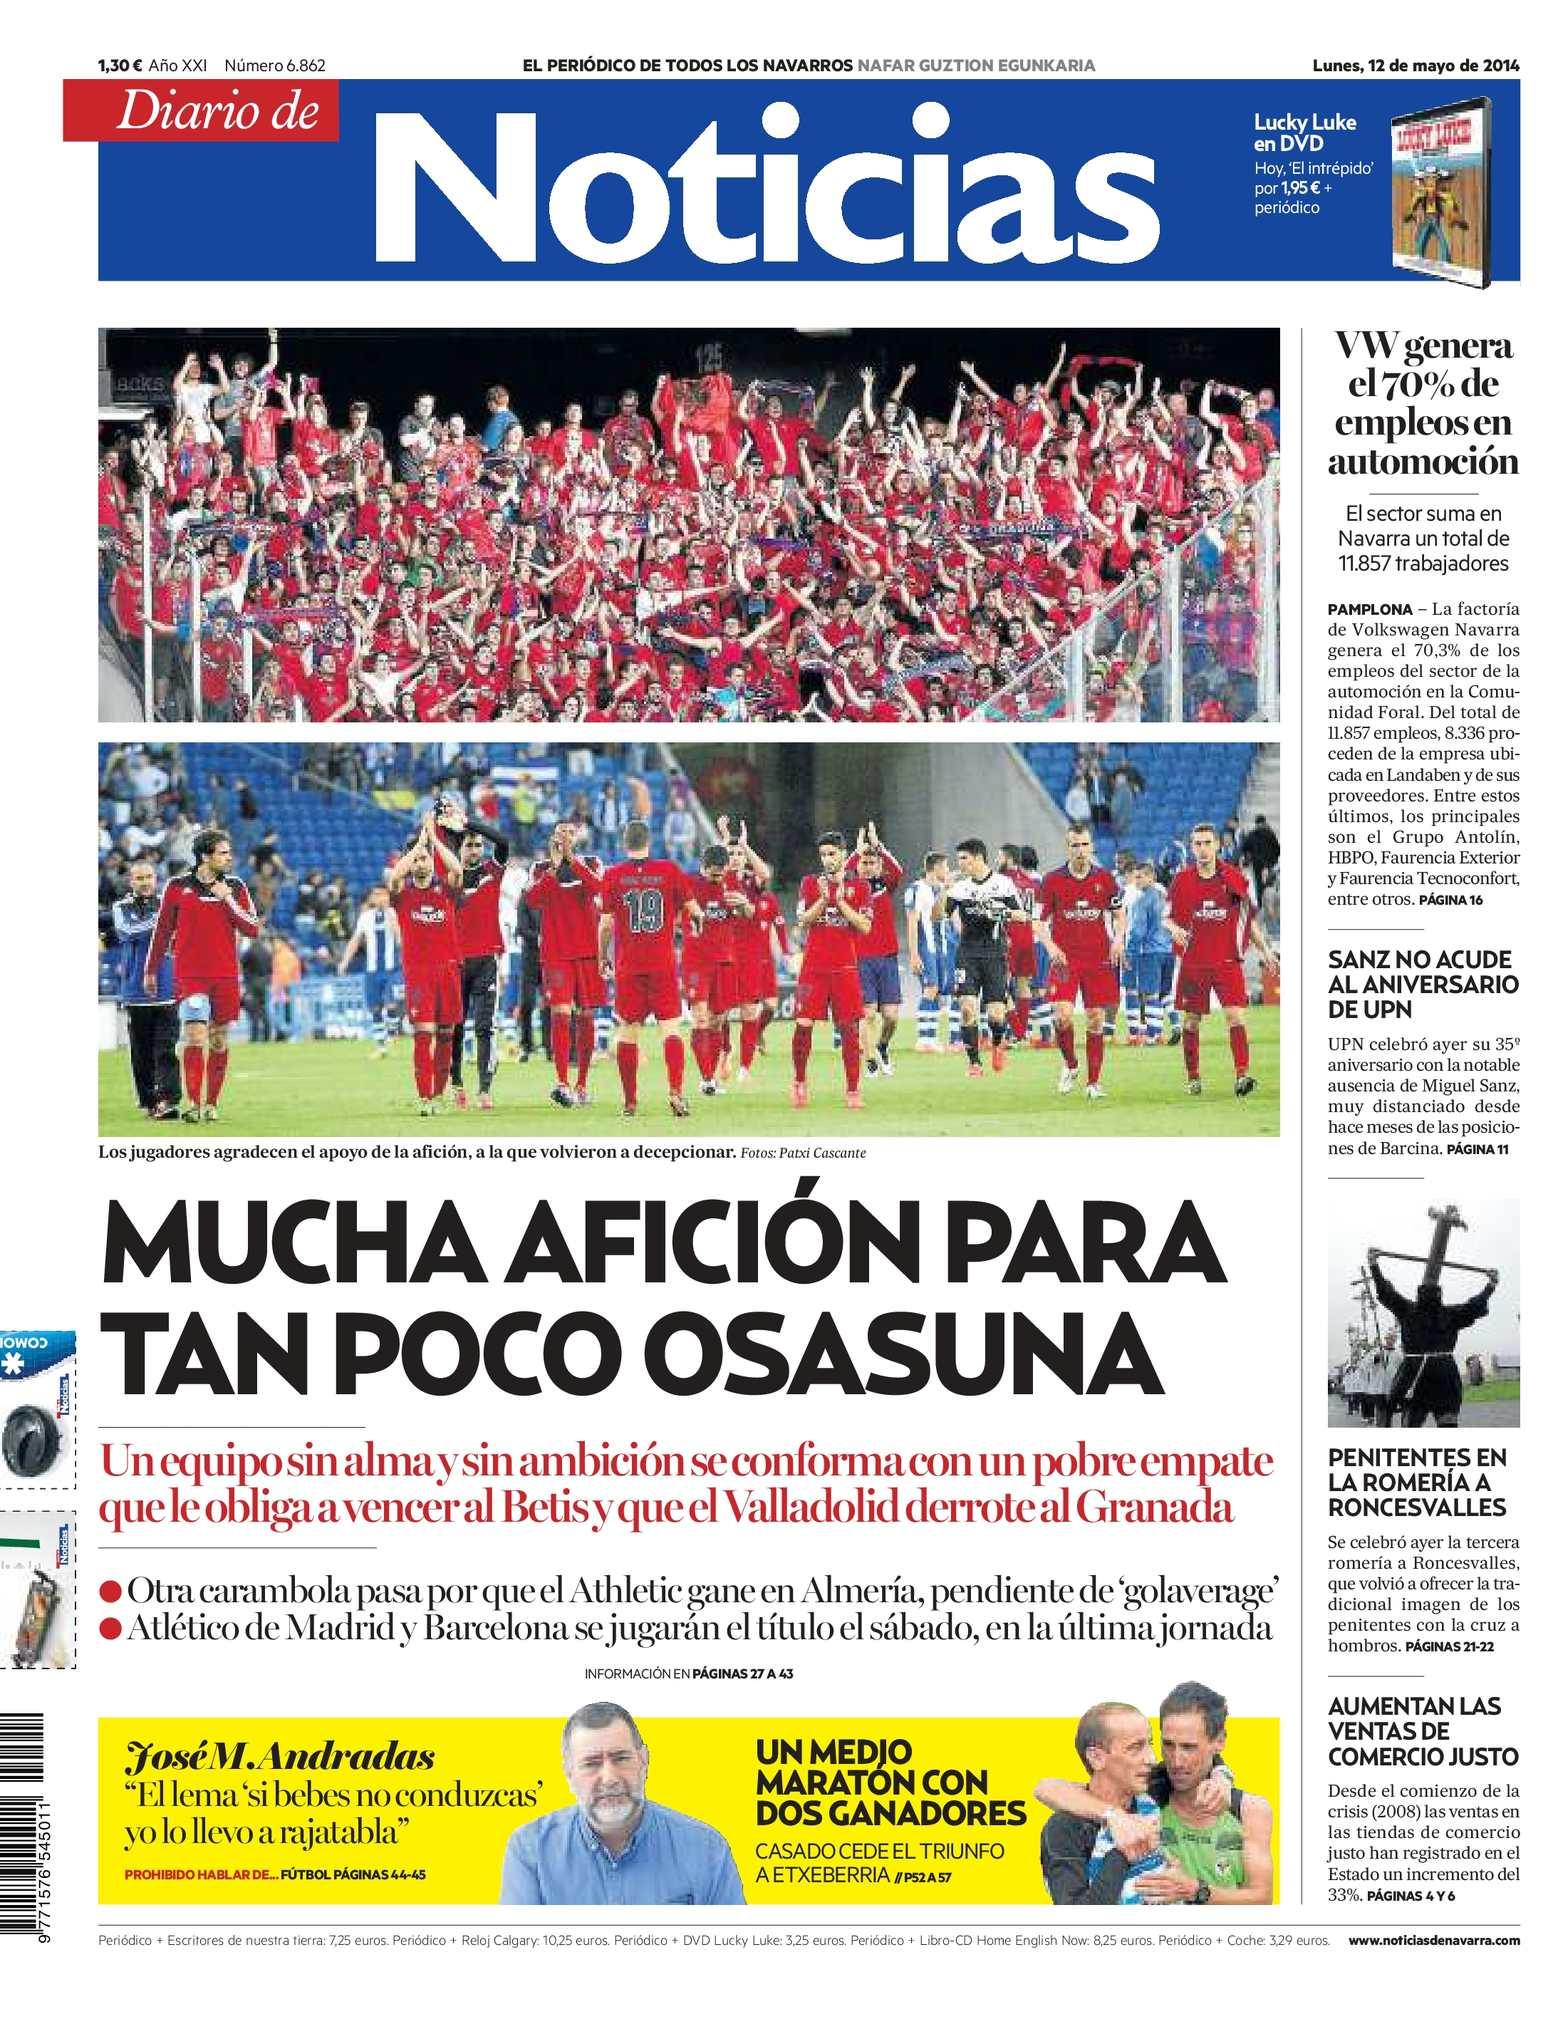 Calaméo - Diario de Noticias 20140512